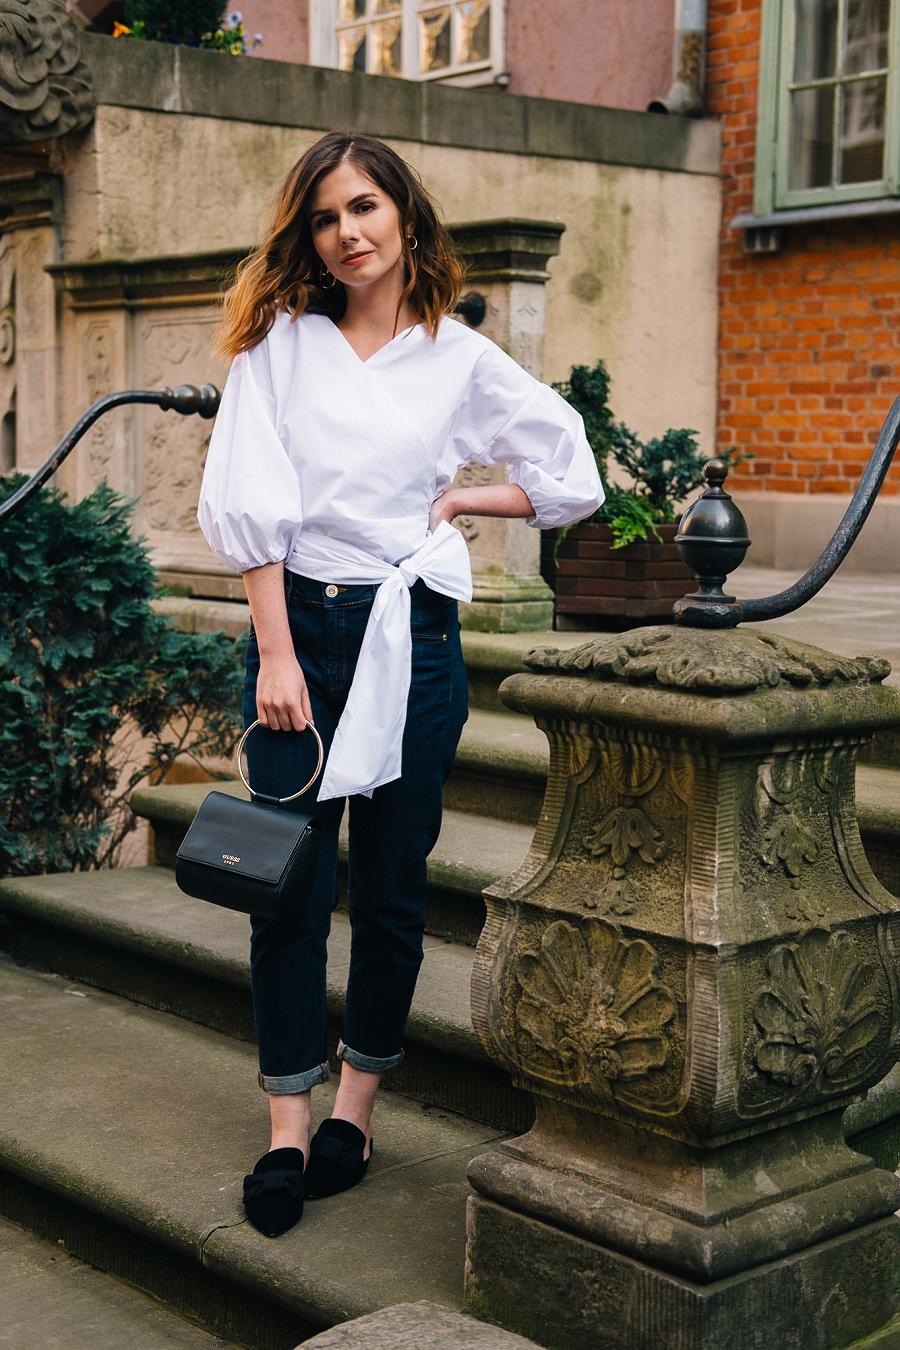 Stylizacja do pracy, klasyczne jeansy i biała koszula - Answear.com Style Guide